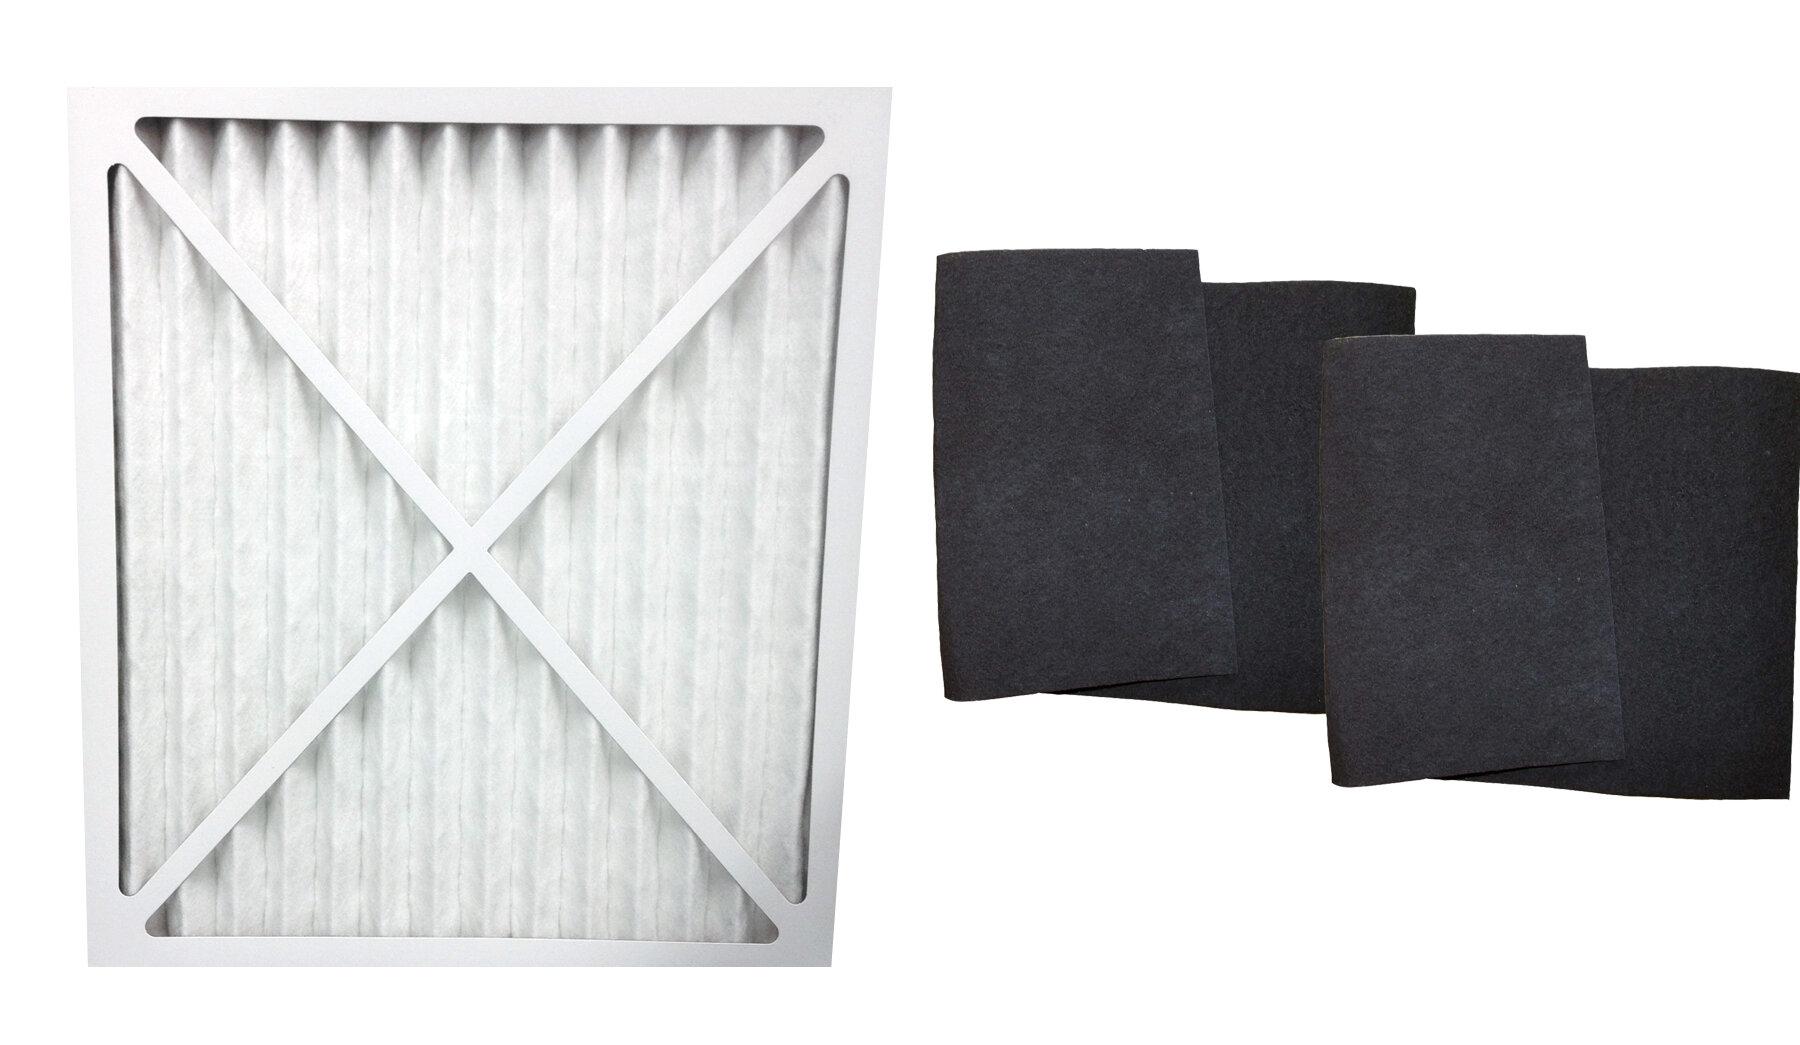 Crucial 3 Piece Think Air Purifier Filter Set Wayfair